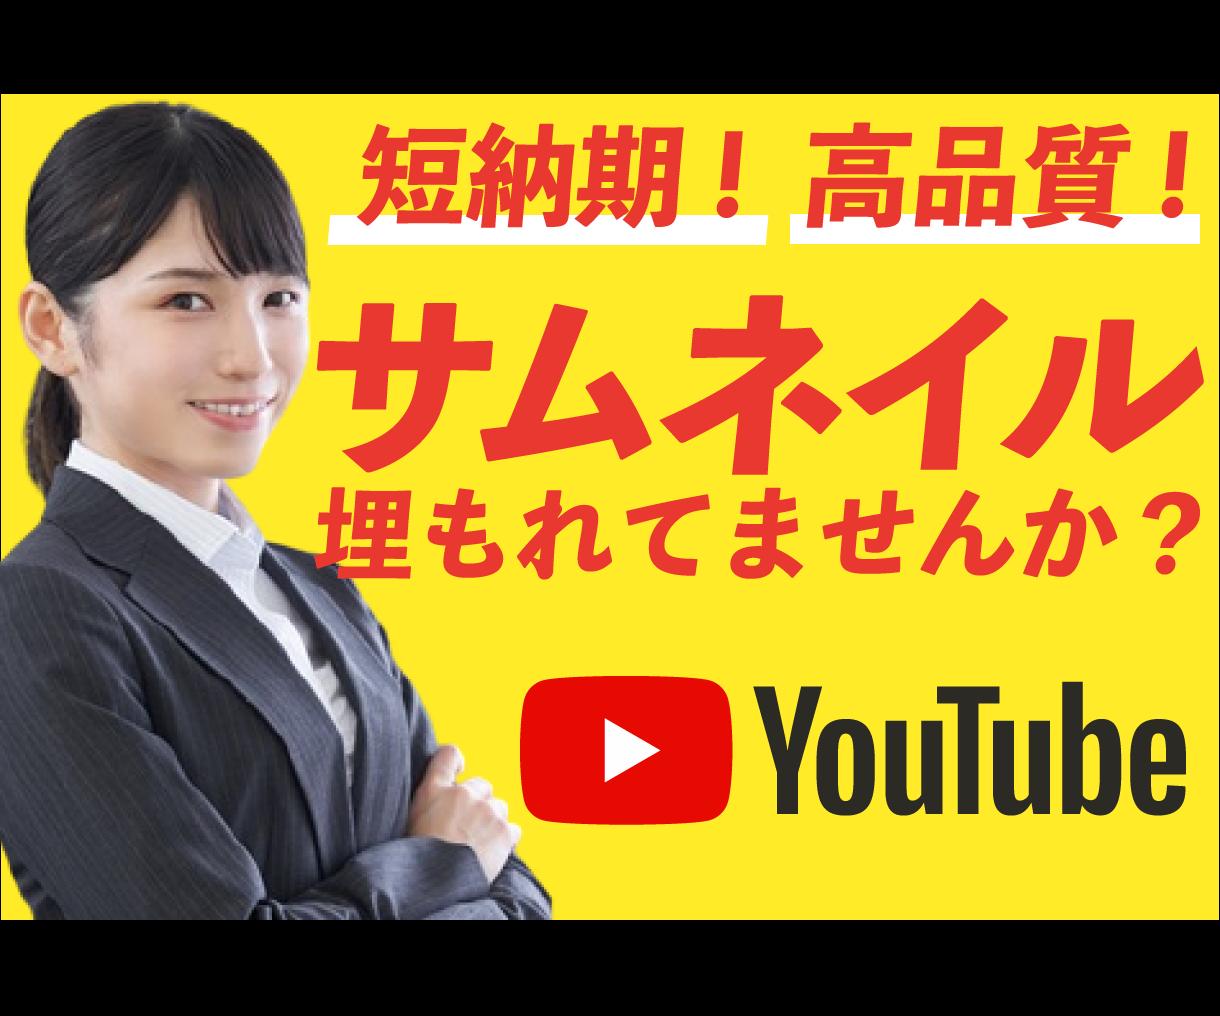 短納期OK!YouTubeのサムネイルを制作します 高品質!!目を引く色合いで、クリック率UPをサポートします! イメージ1